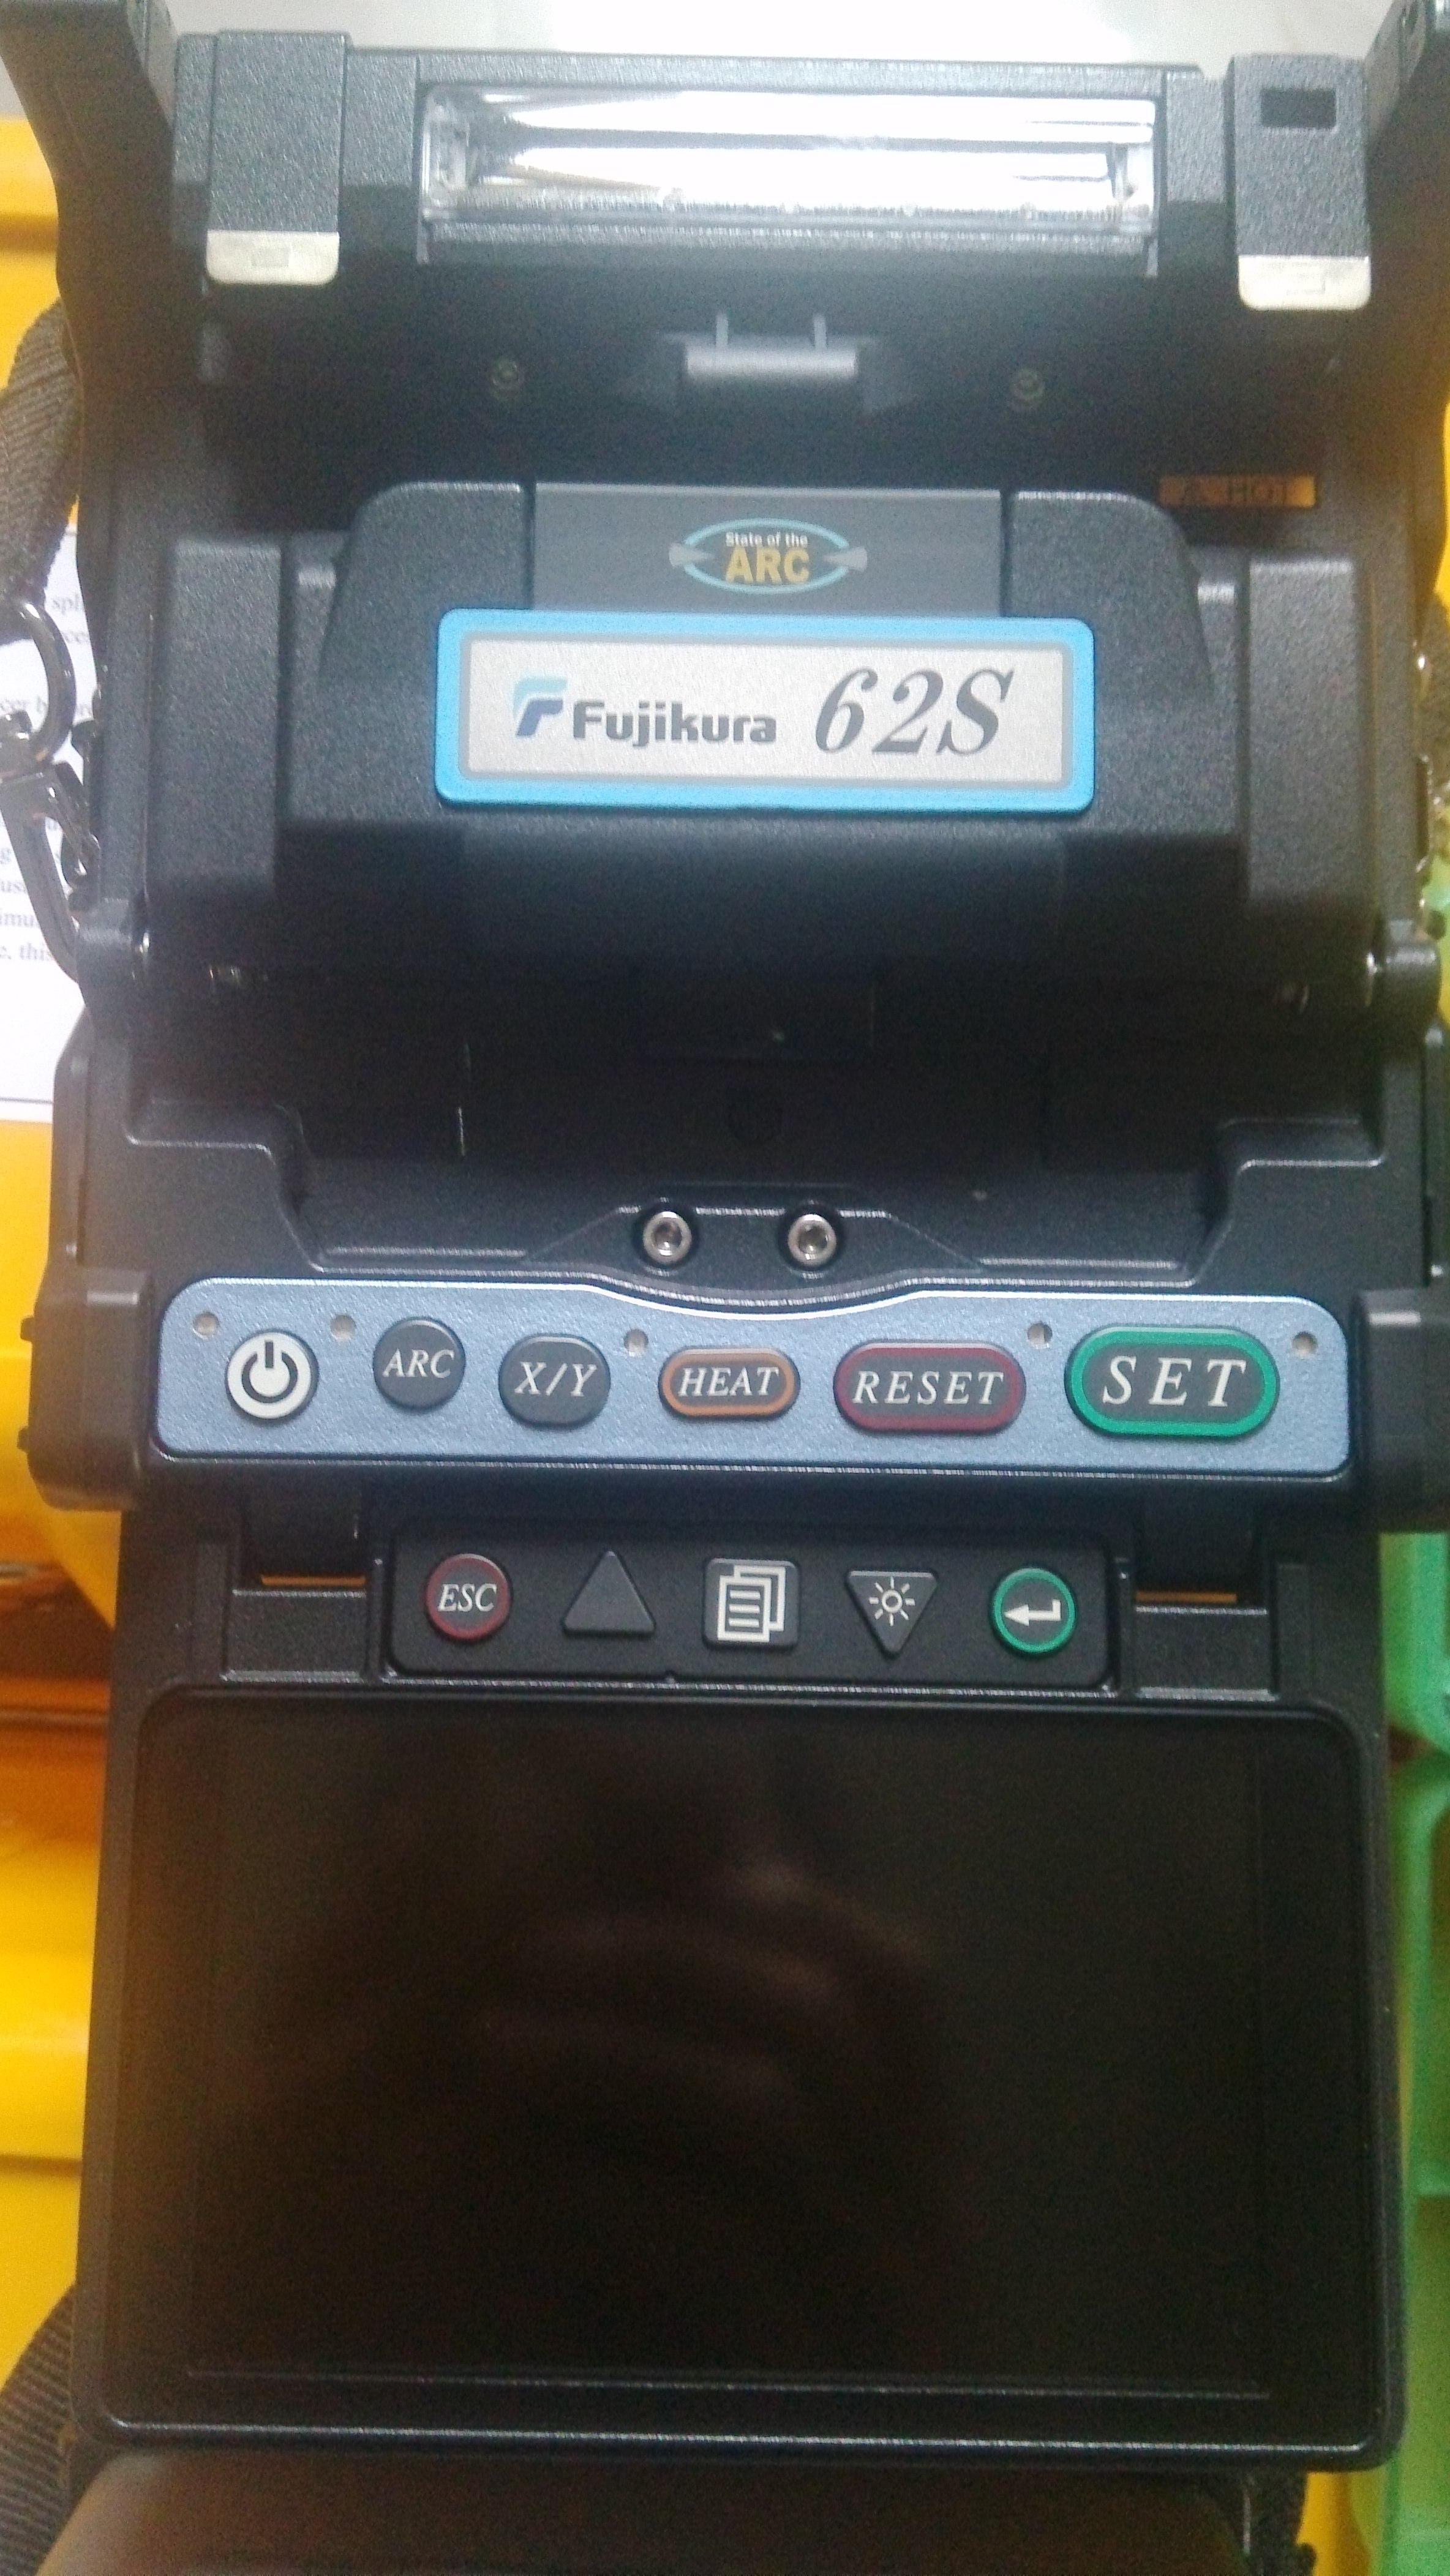 供应用于光纤熔接|光缆抢修|光纤入户的四川省内江市藤仓62s光纤熔接机